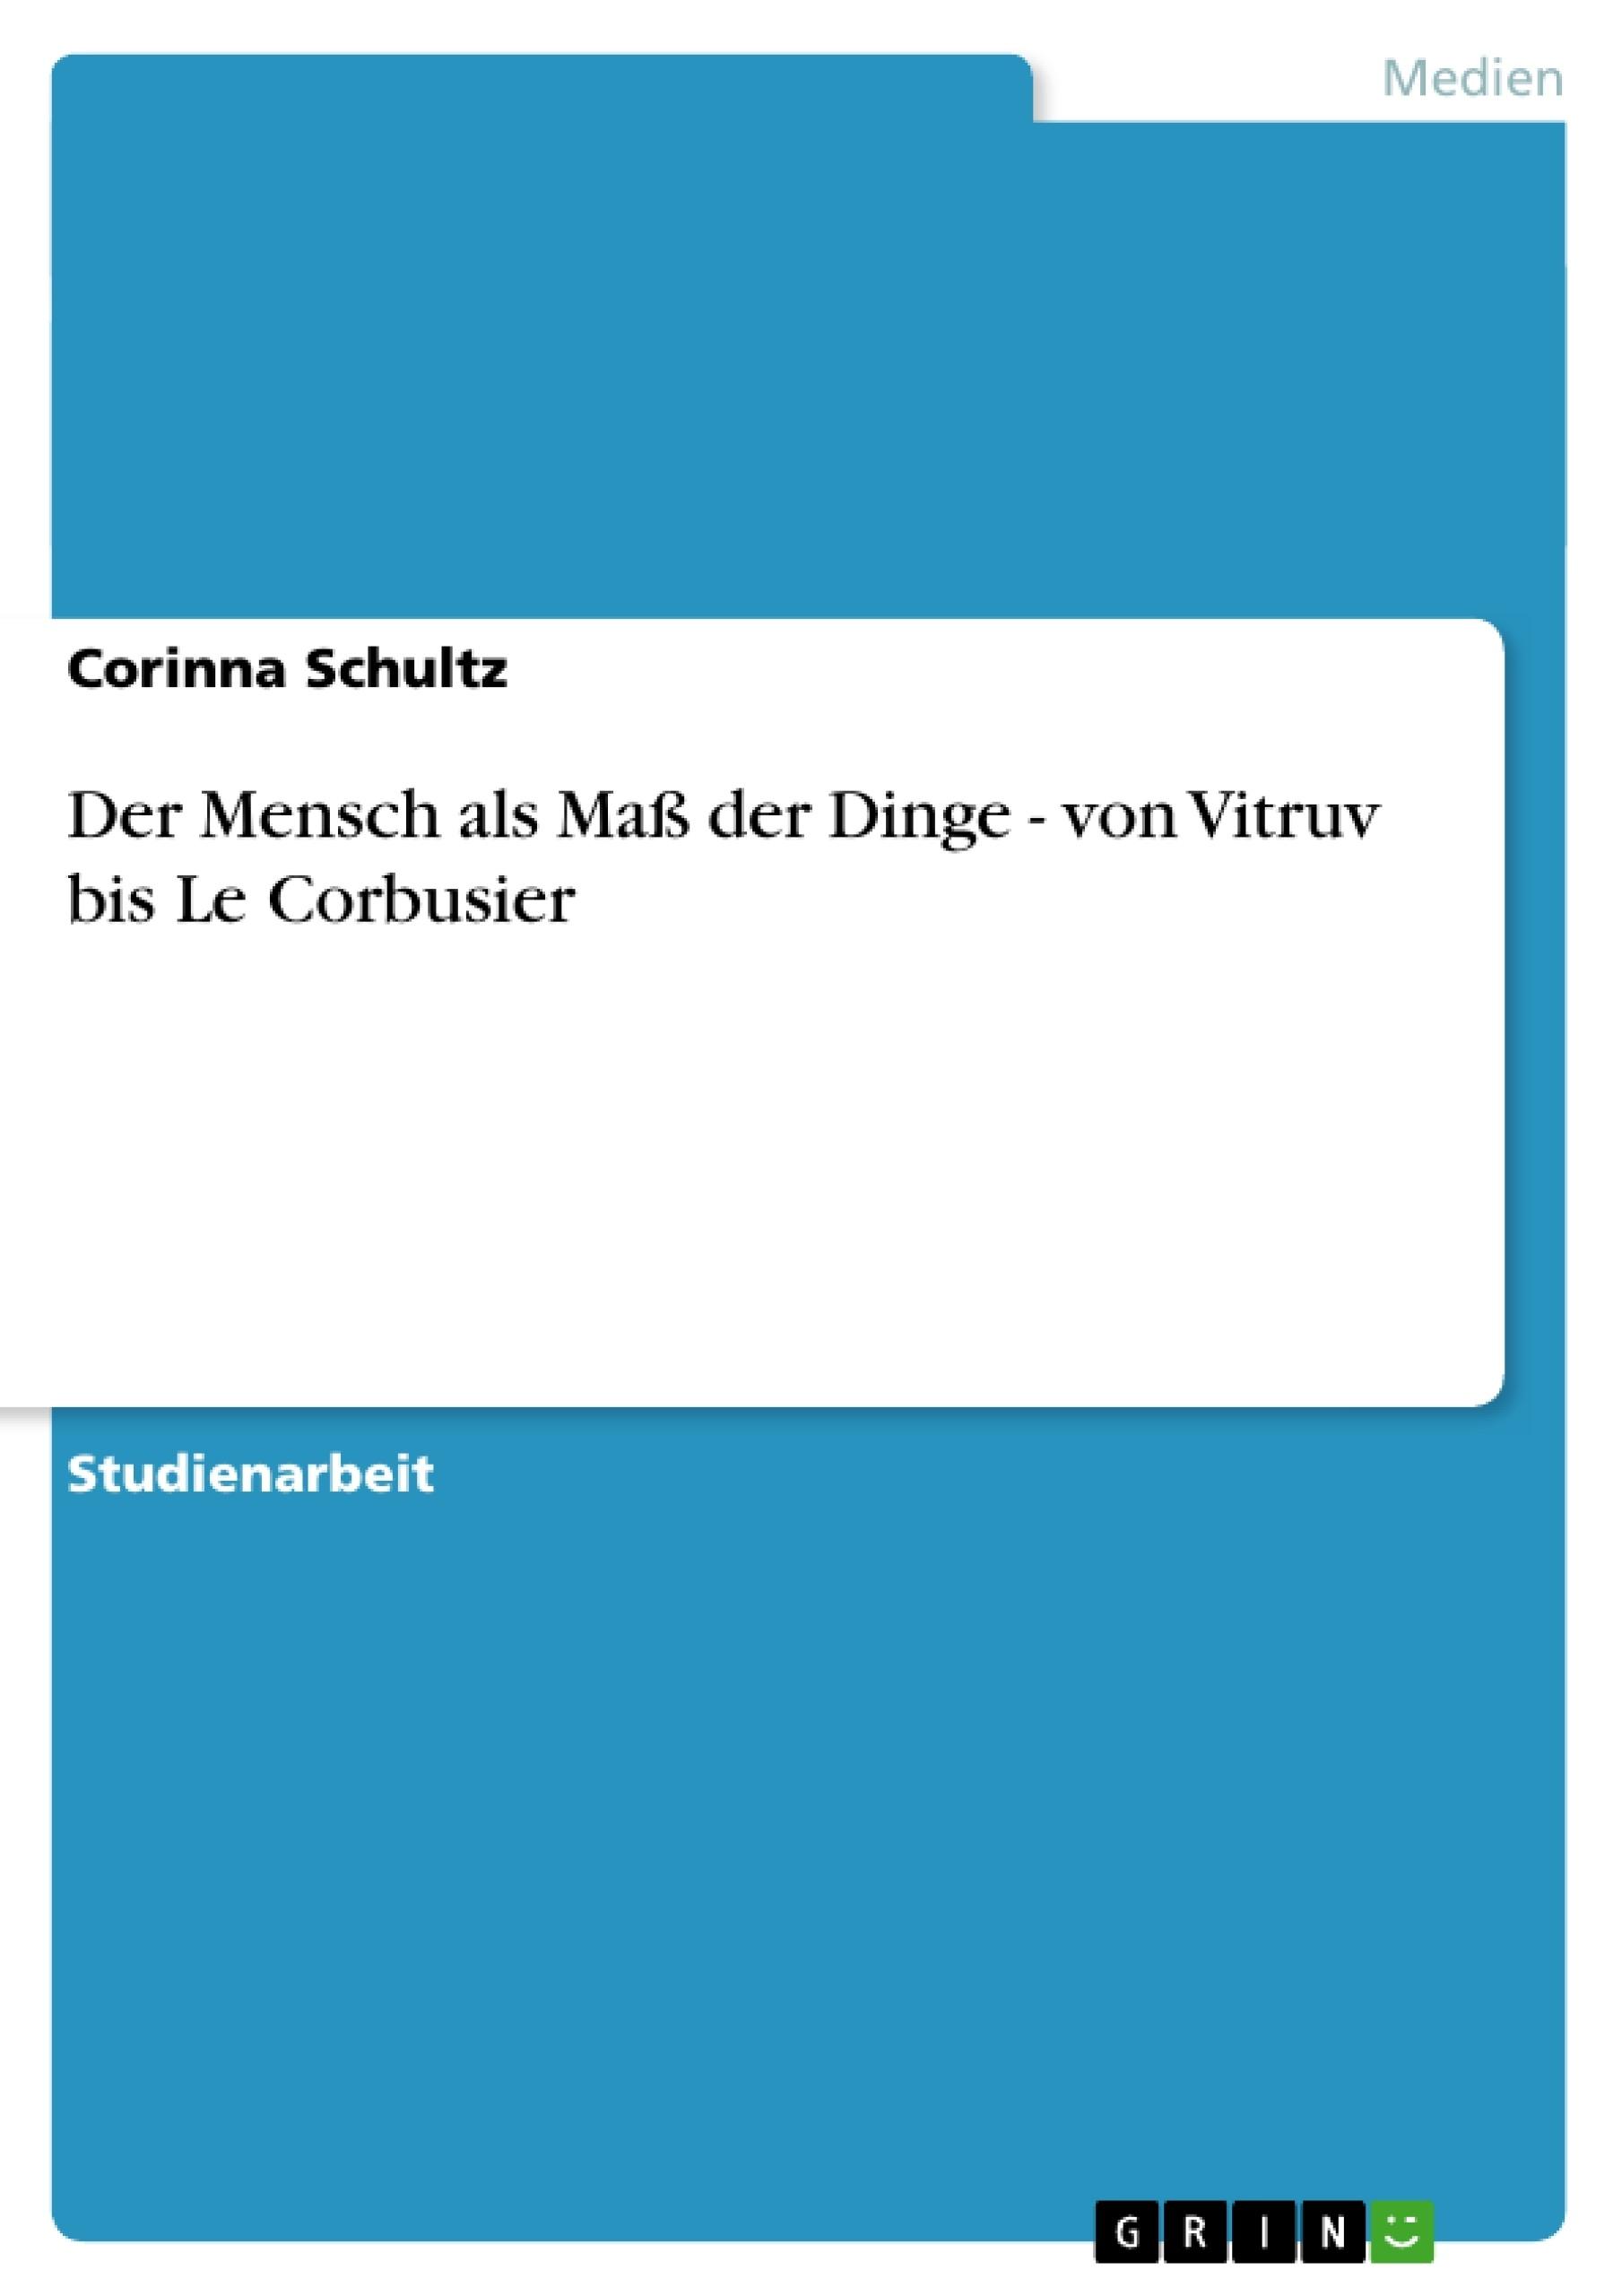 Titel: Der Mensch als Maß der Dinge - von Vitruv bis Le Corbusier